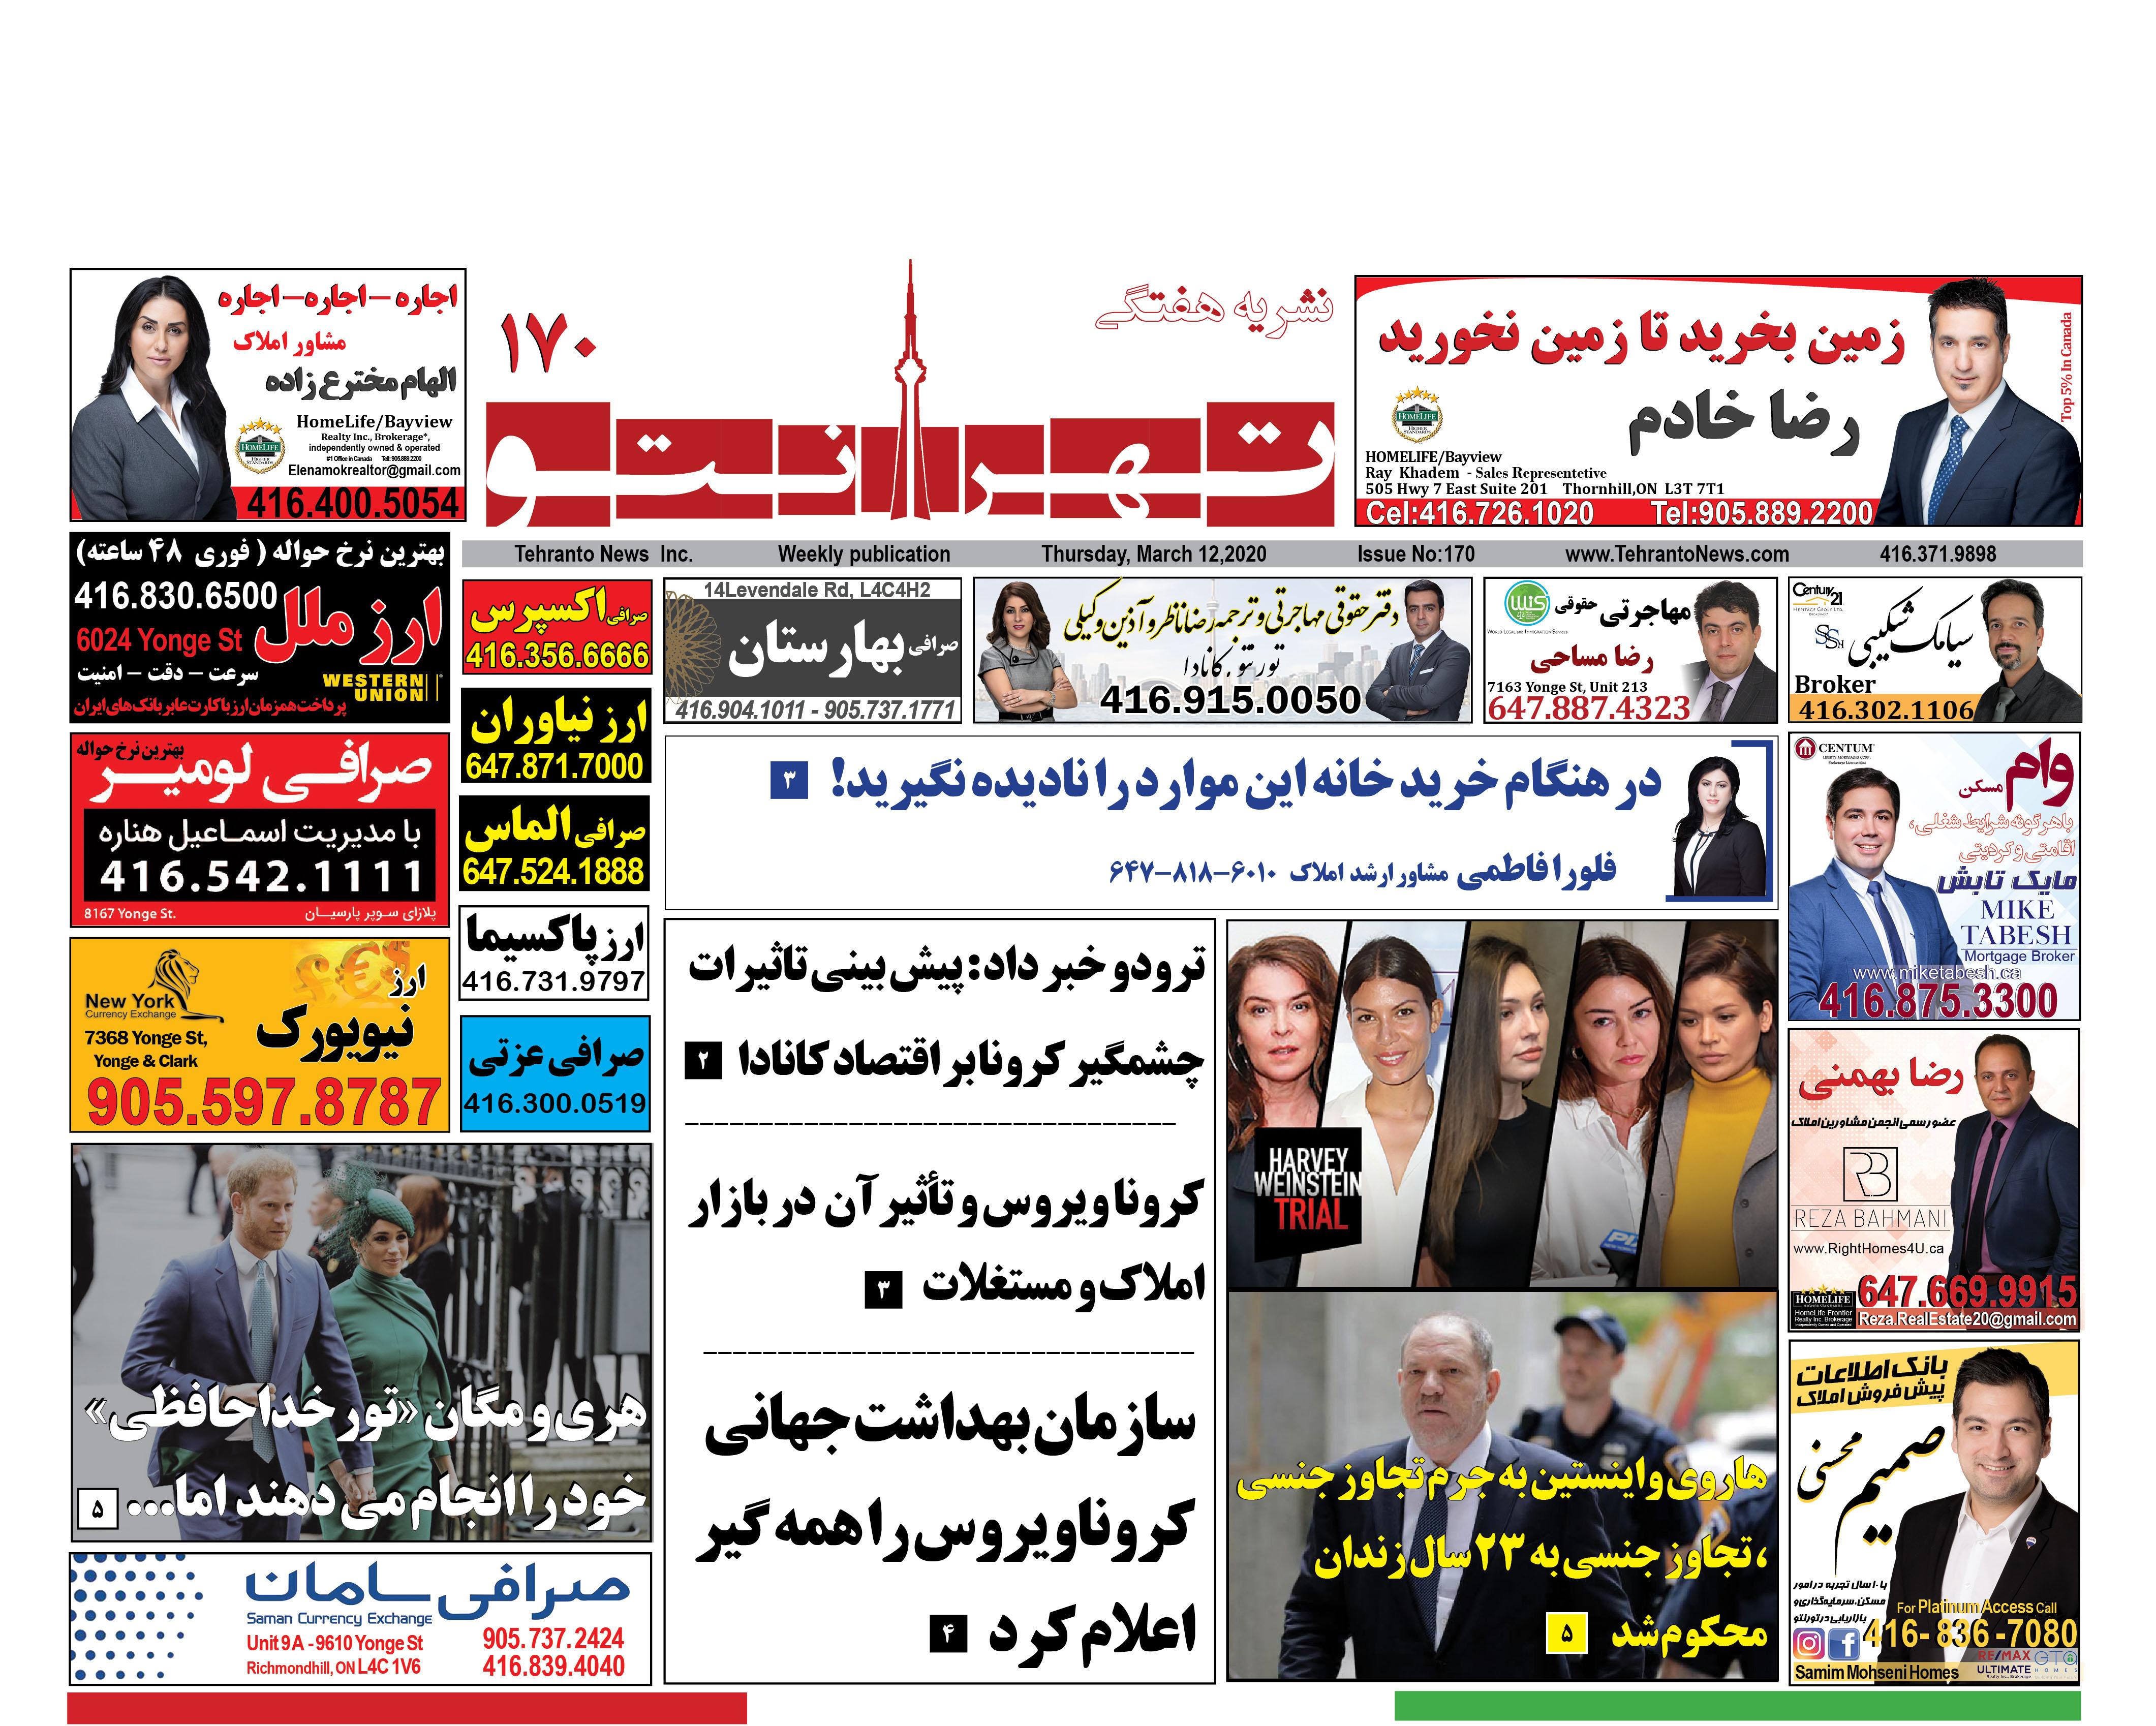 تصویر از نشریه شماره ۱۷۰ تهرانتو منتشر شد